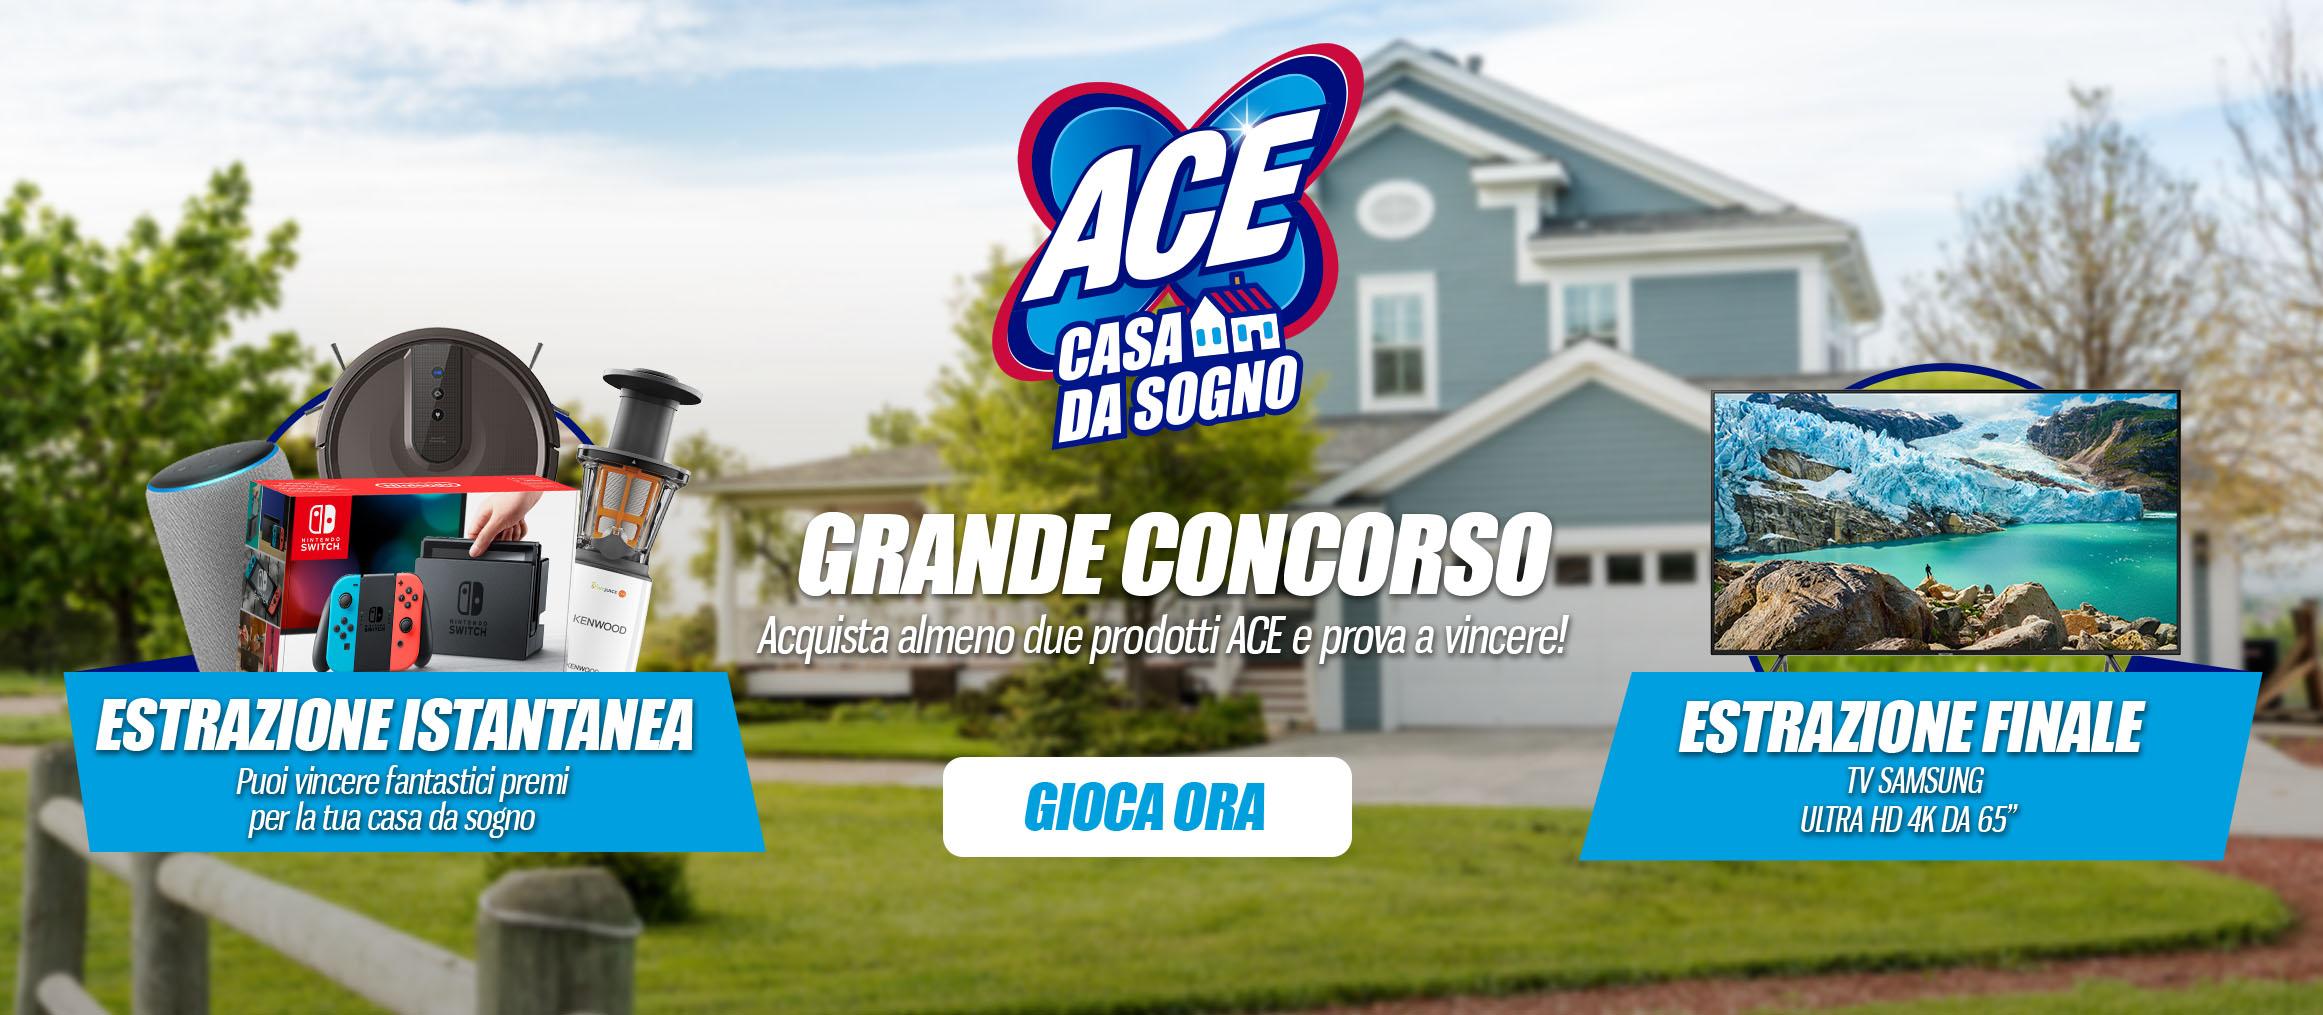 ACE Casa da Sogno